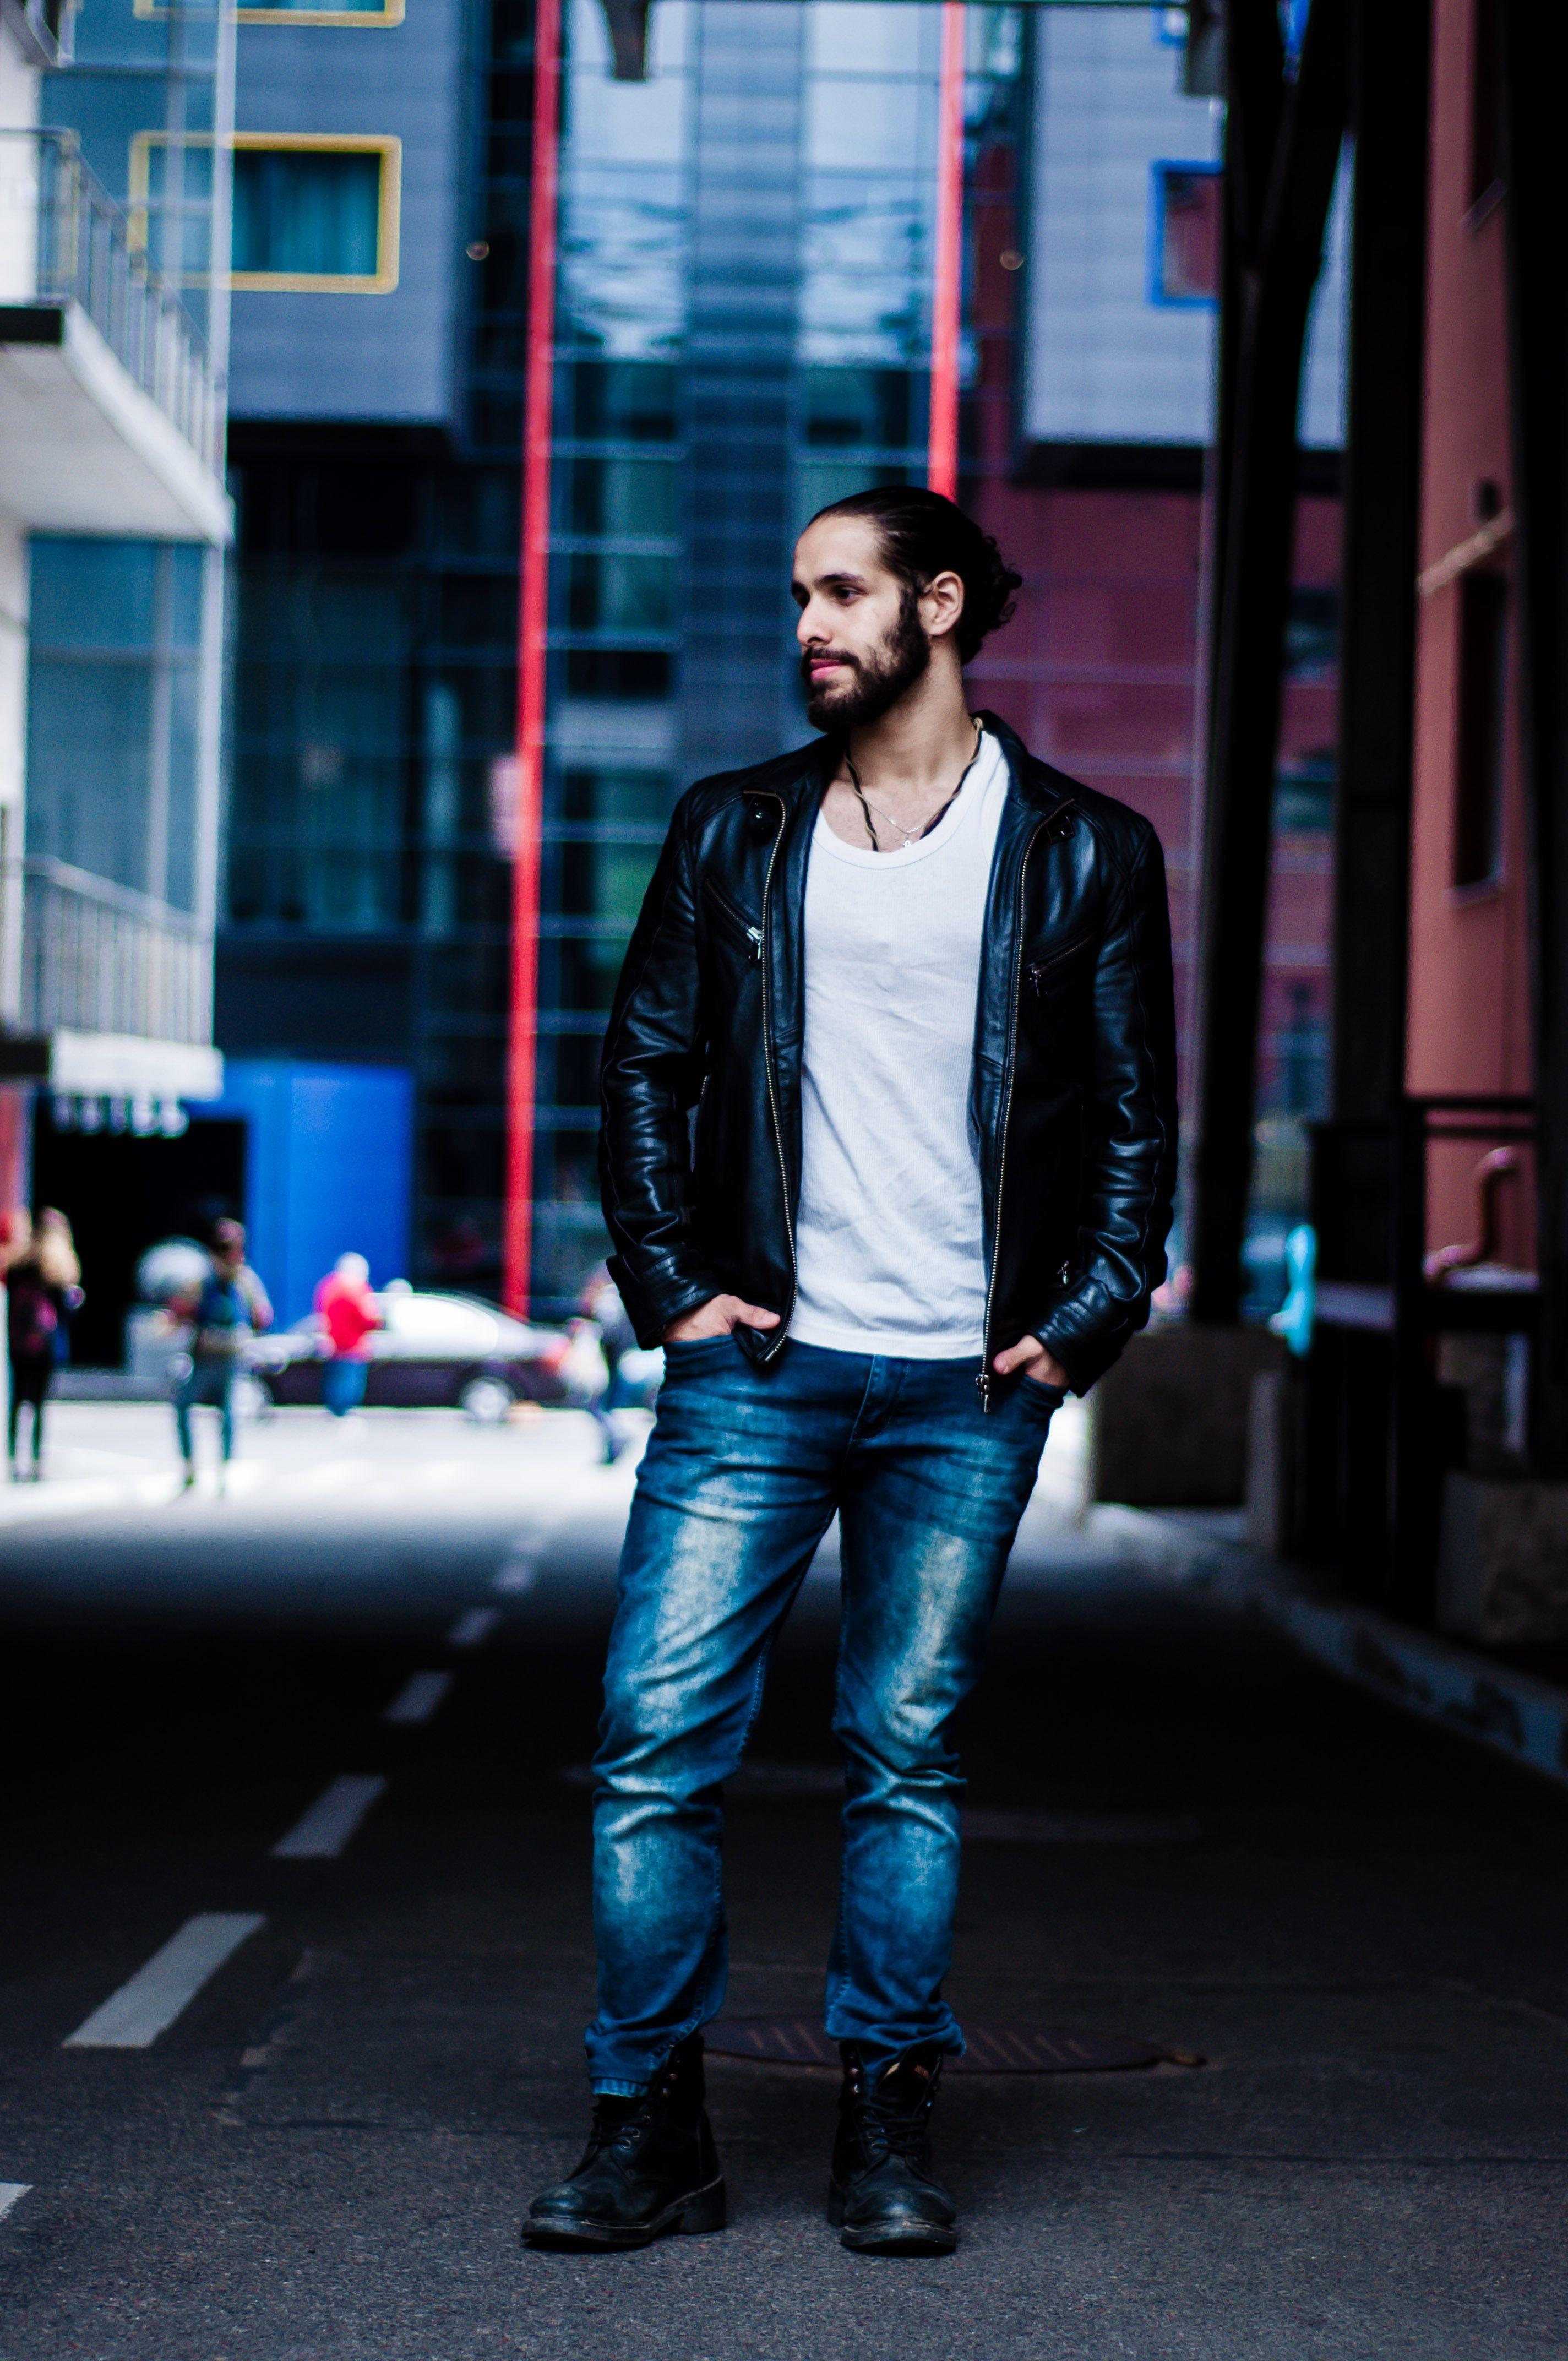 Городская куртка фотографа